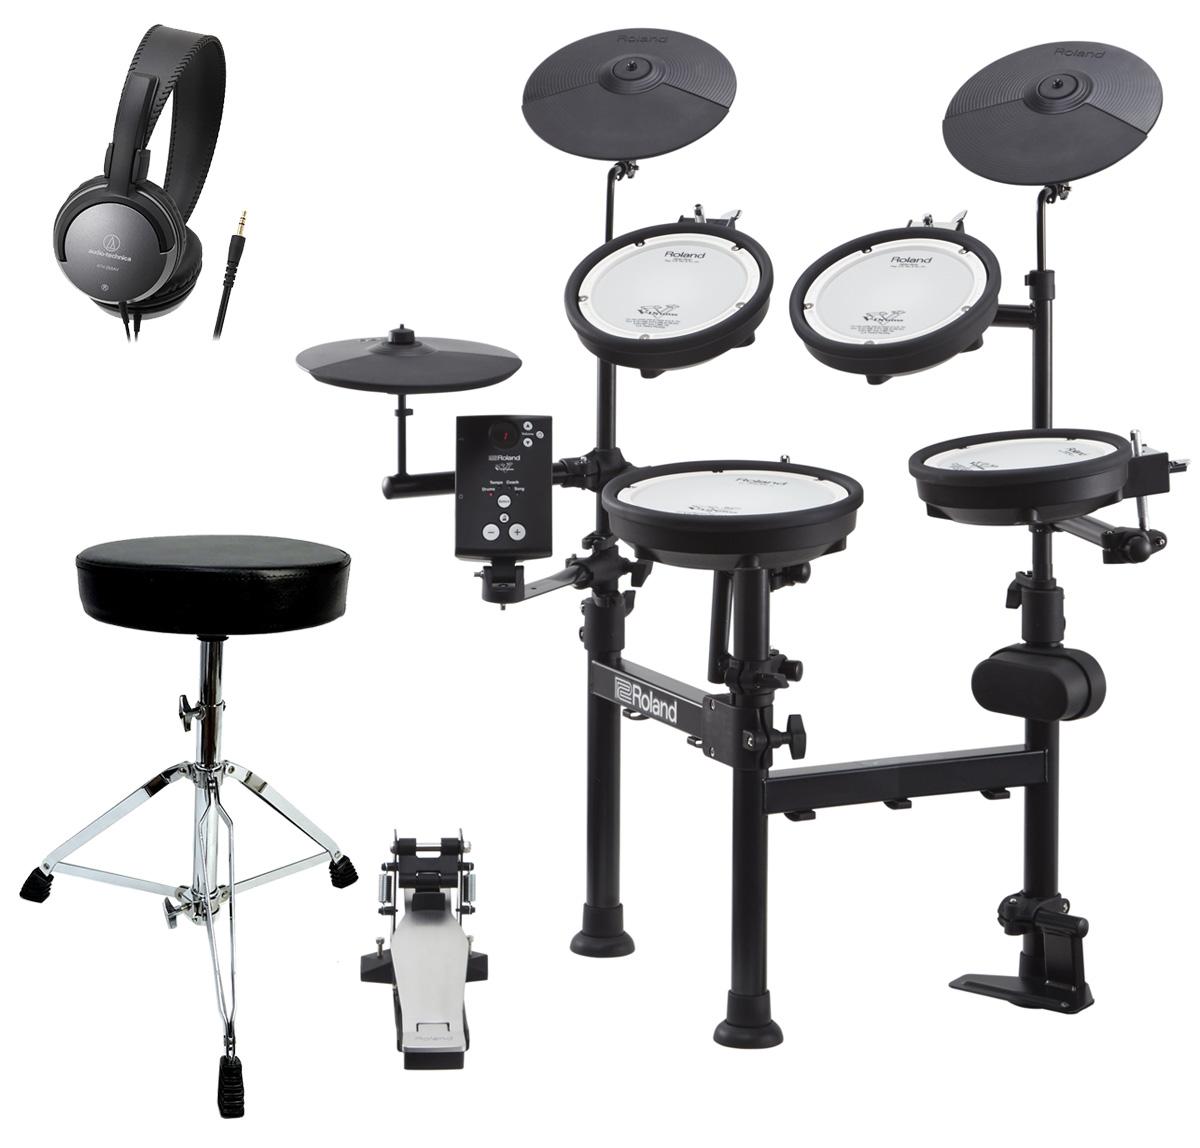 Roland 電子ドラム TD-1KPX2 ドラムスローンとヘッドホンセット / キックペダル別売【YRK】【5000円キャッシュバックWキャンペーン対象商品】